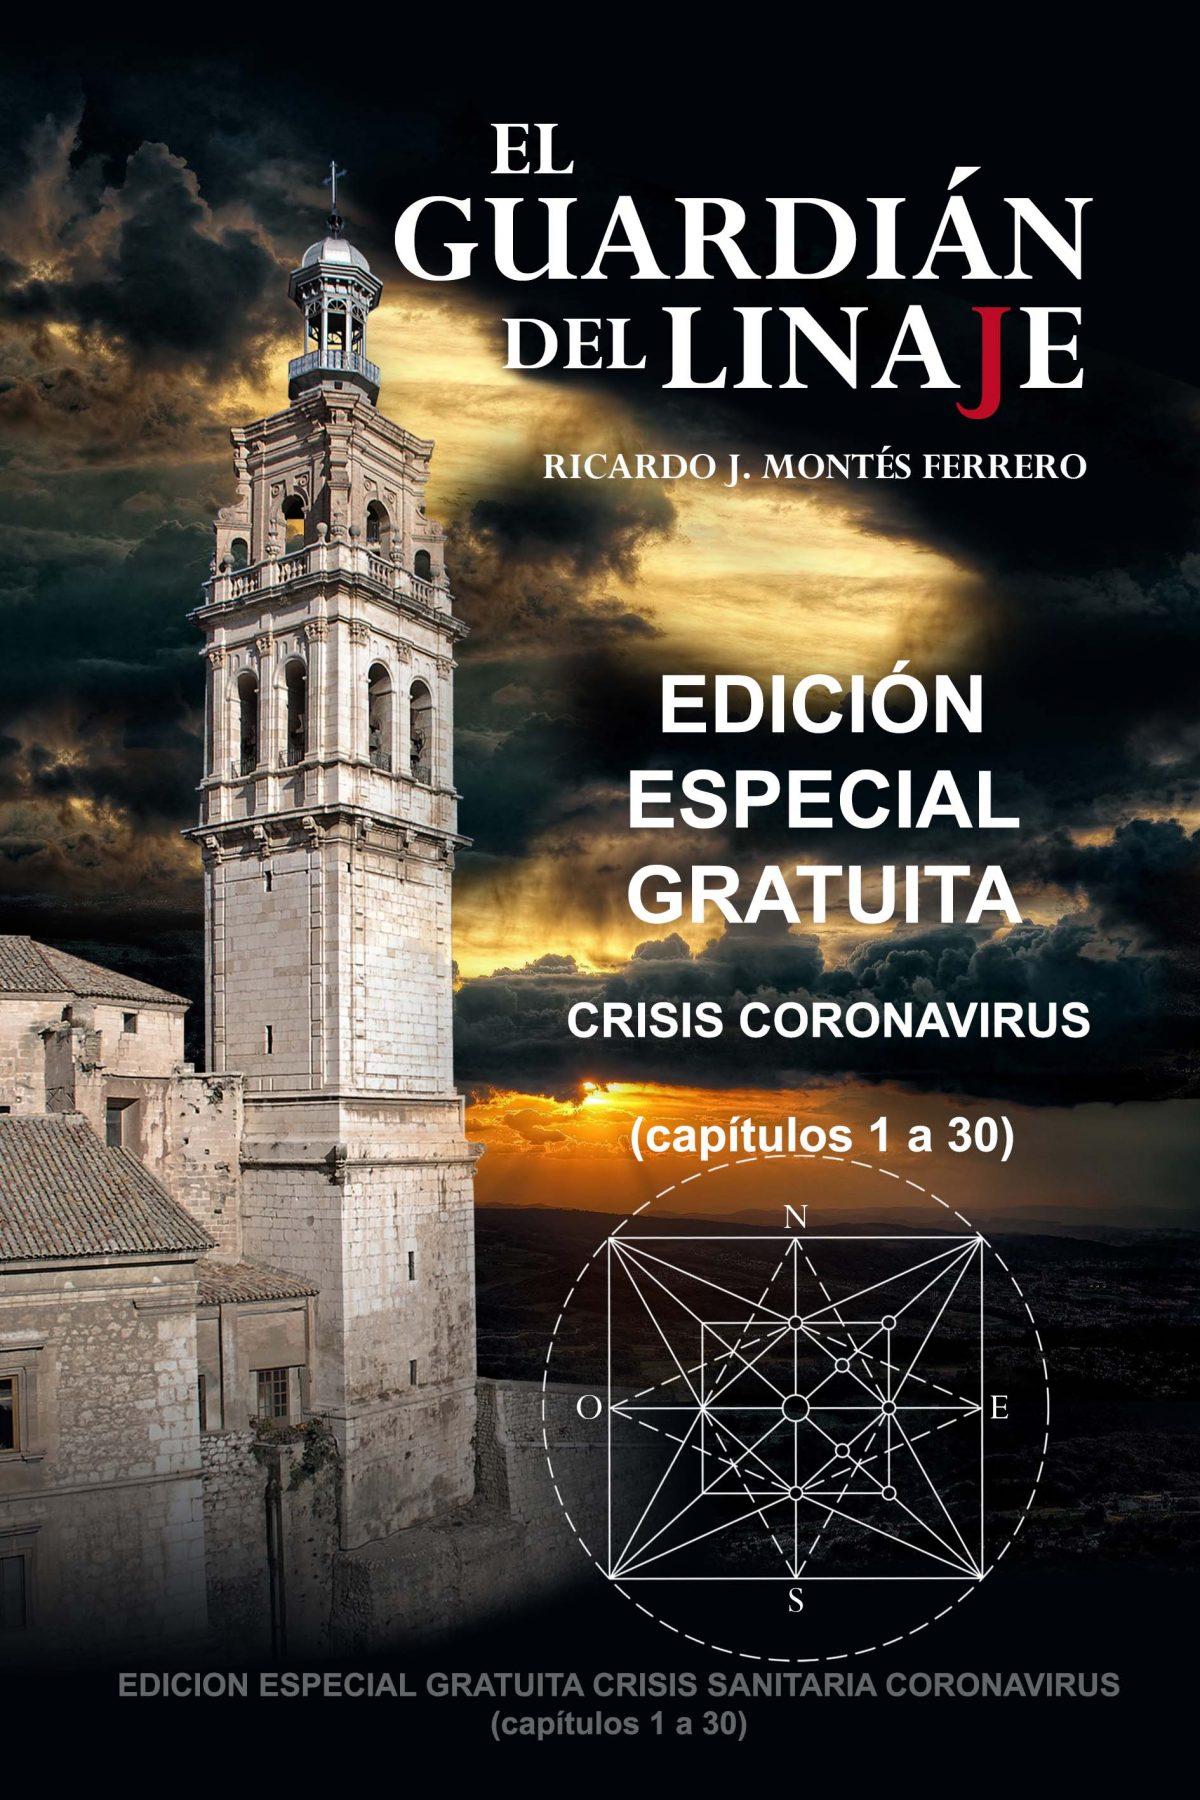 """""""El Guardián del Linaje"""", Edición Especial Gratuita Crisis Coronavirus 21-3-20"""